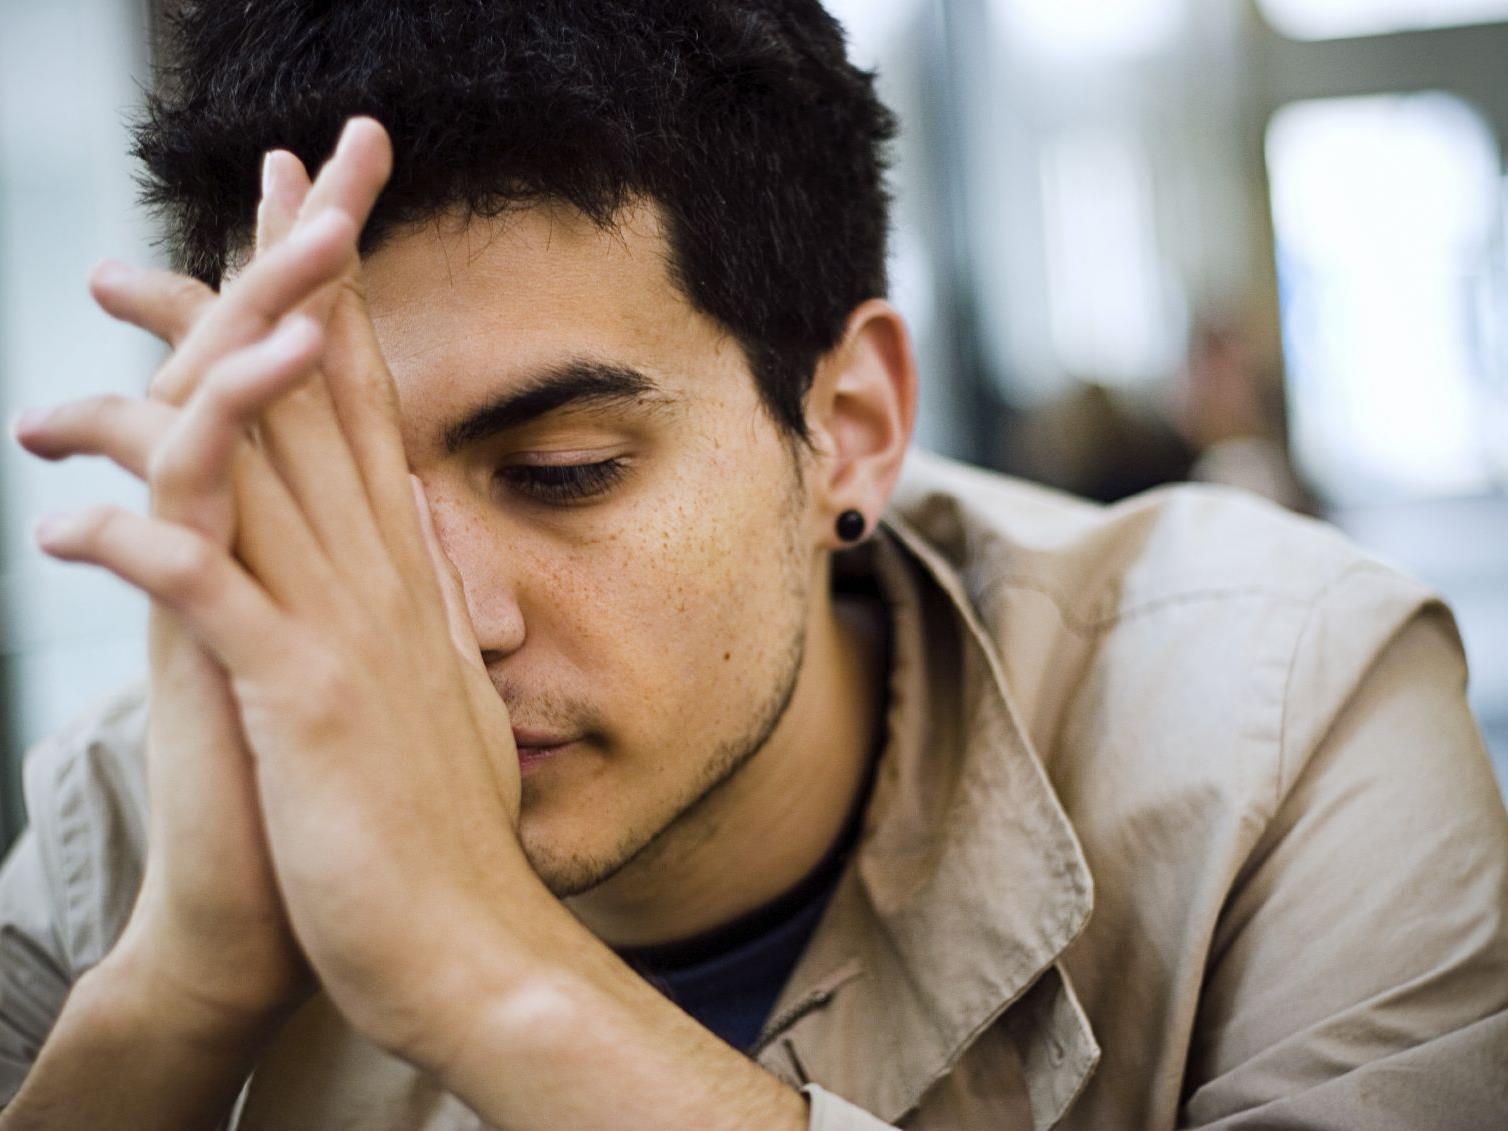 Fast jeder Dritte leidet einmal in seinem Leben an einer behandlungsbedürftigen, psychischen Erkrankung.